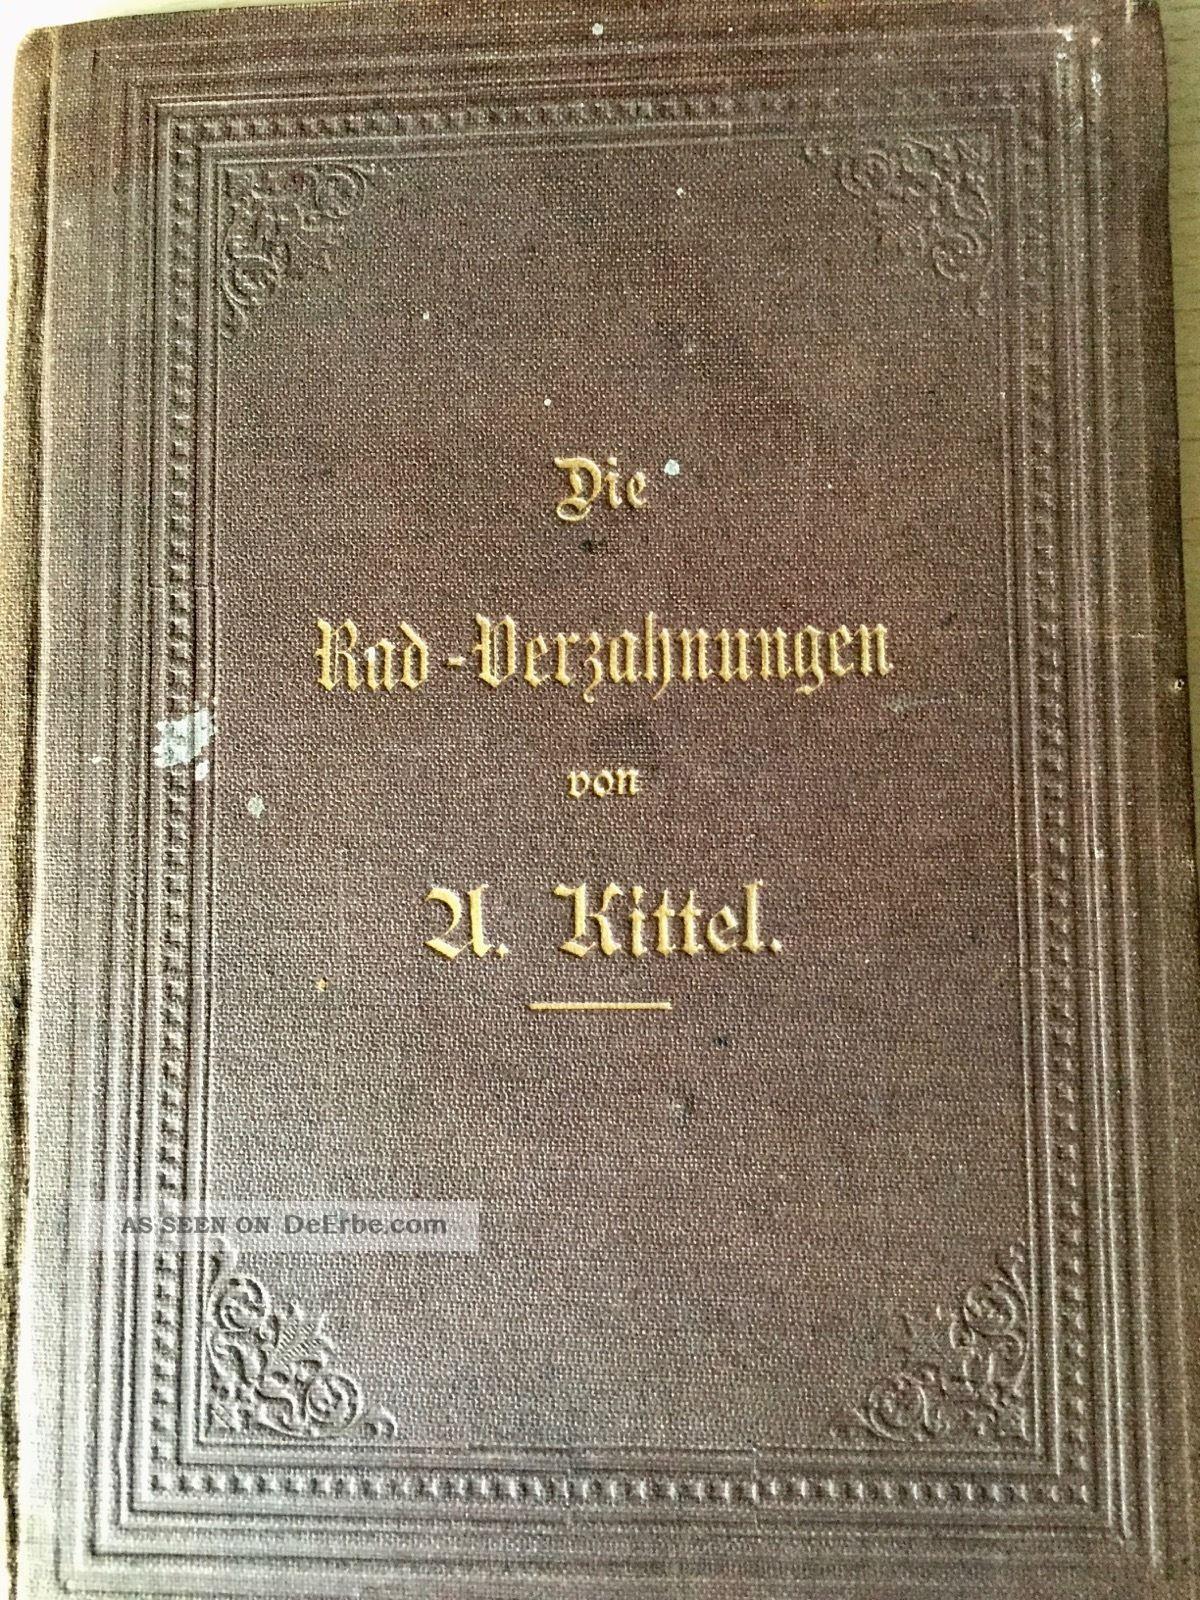 Die Rad Verzahnung Von A.  Adolf Adolph Kittel,  Von 1889 Uhrmacher Alte Berufe Bild